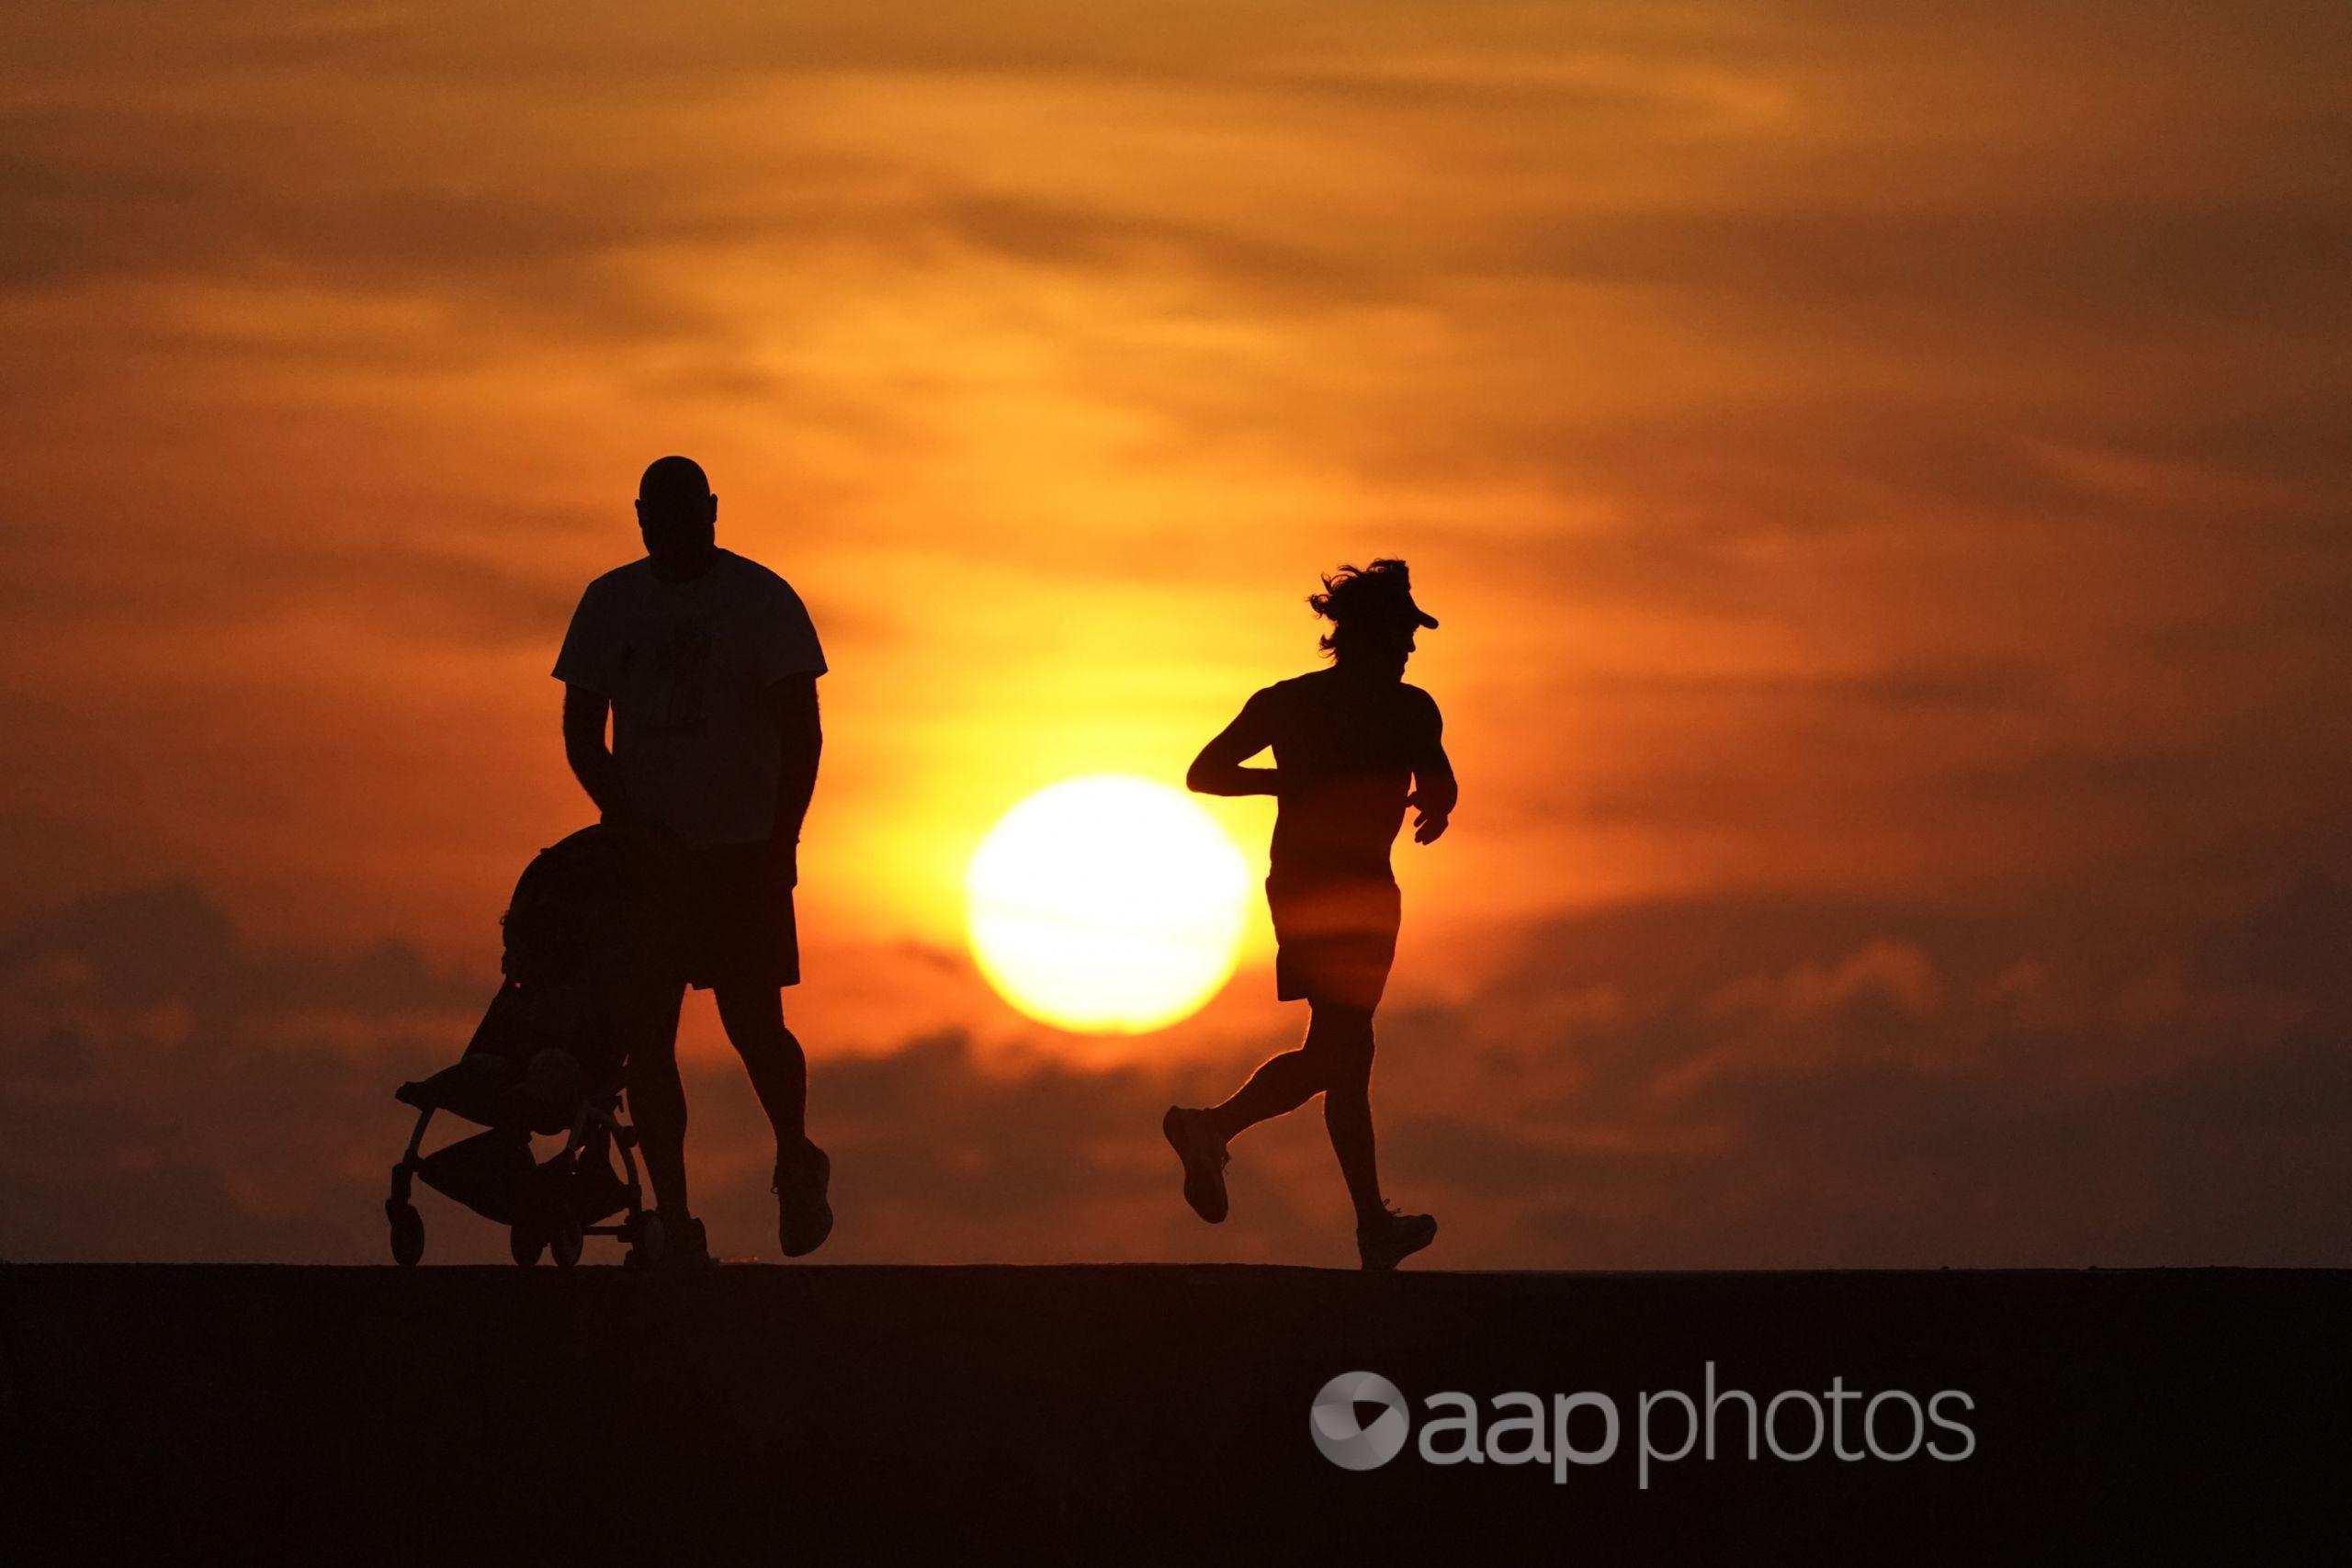 runner, man pushing pram silhouetted against a sunrise